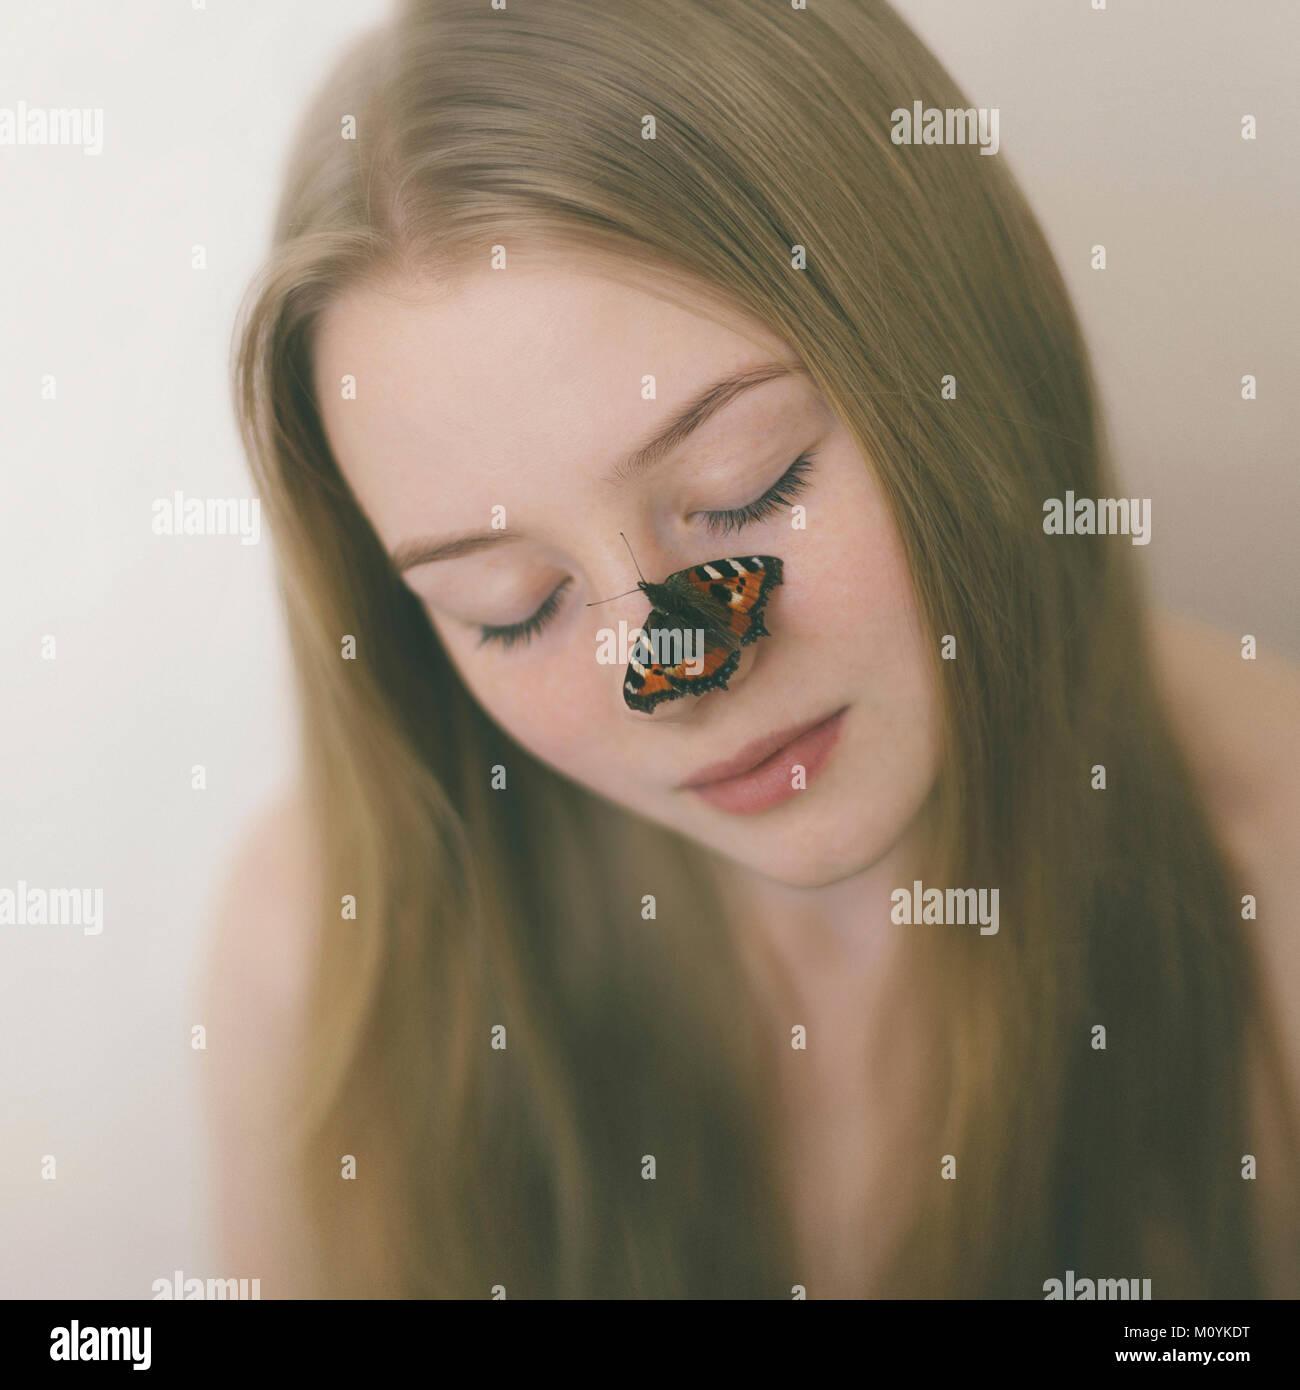 Mariposa sobre la nariz de caucásico adolescente Foto de stock